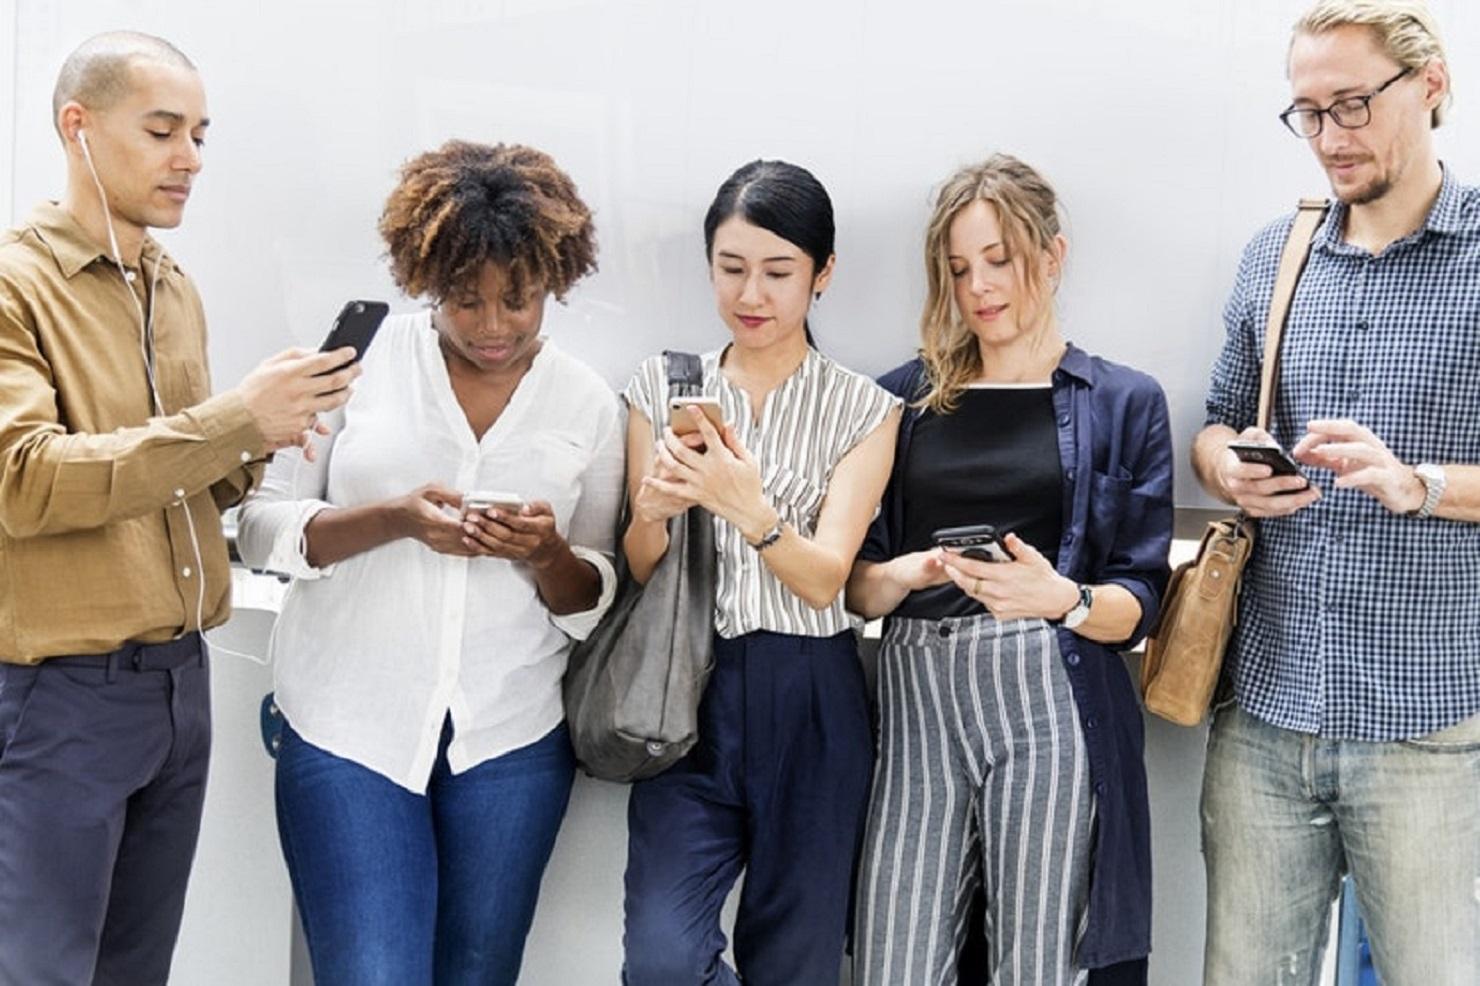 promocionar publicaciones digitales mediante redes sociales